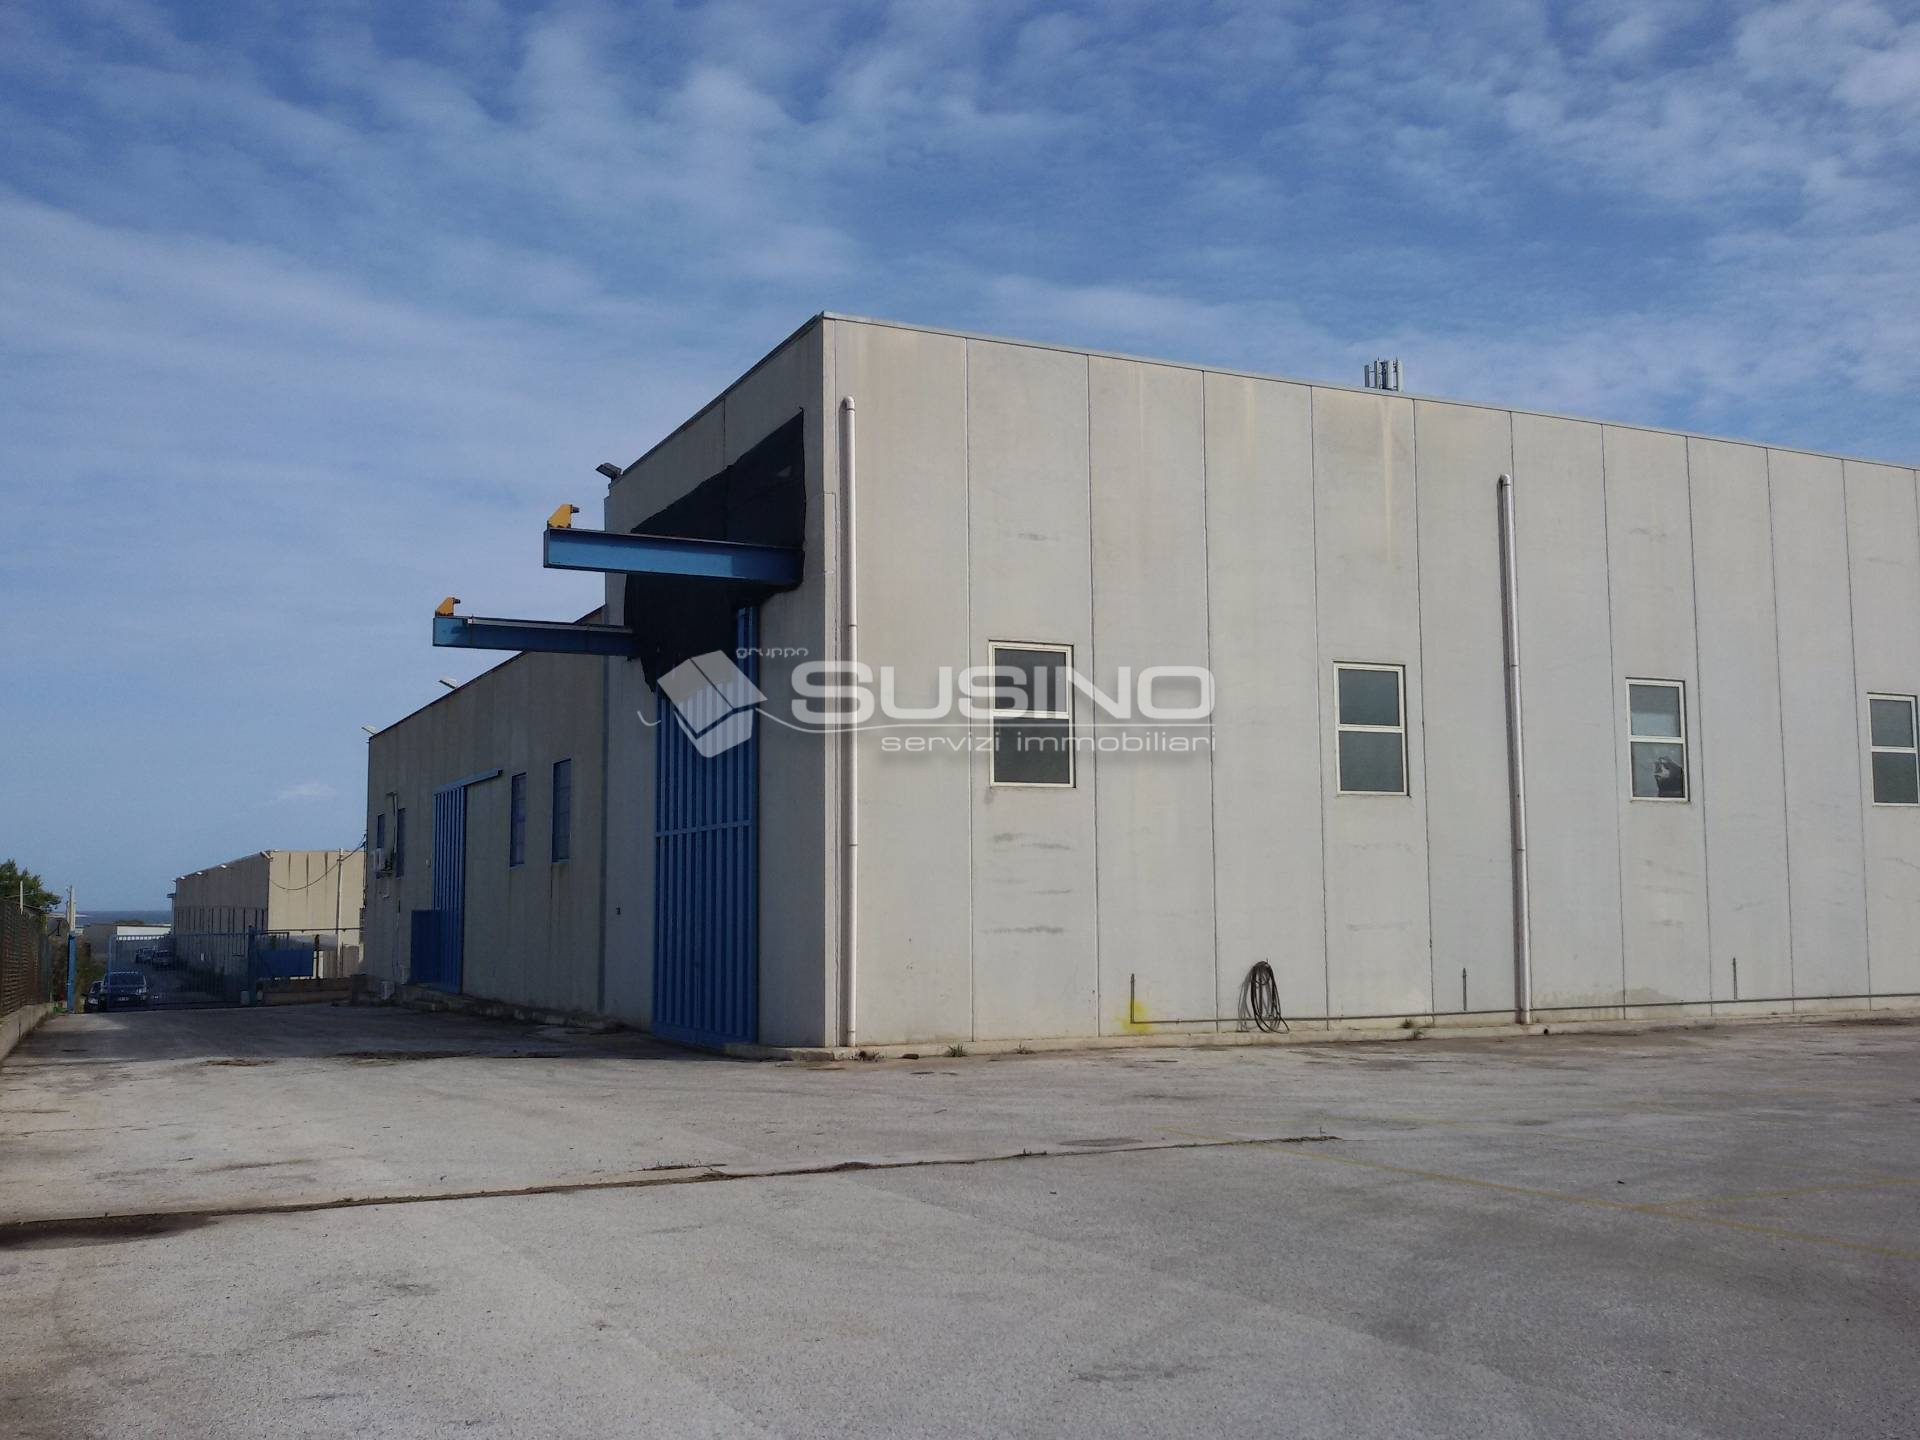 Capannone in vendita a Siracusa, 9999 locali, zona Località: ExSS114, prezzo € 800.000 | Cambio Casa.it